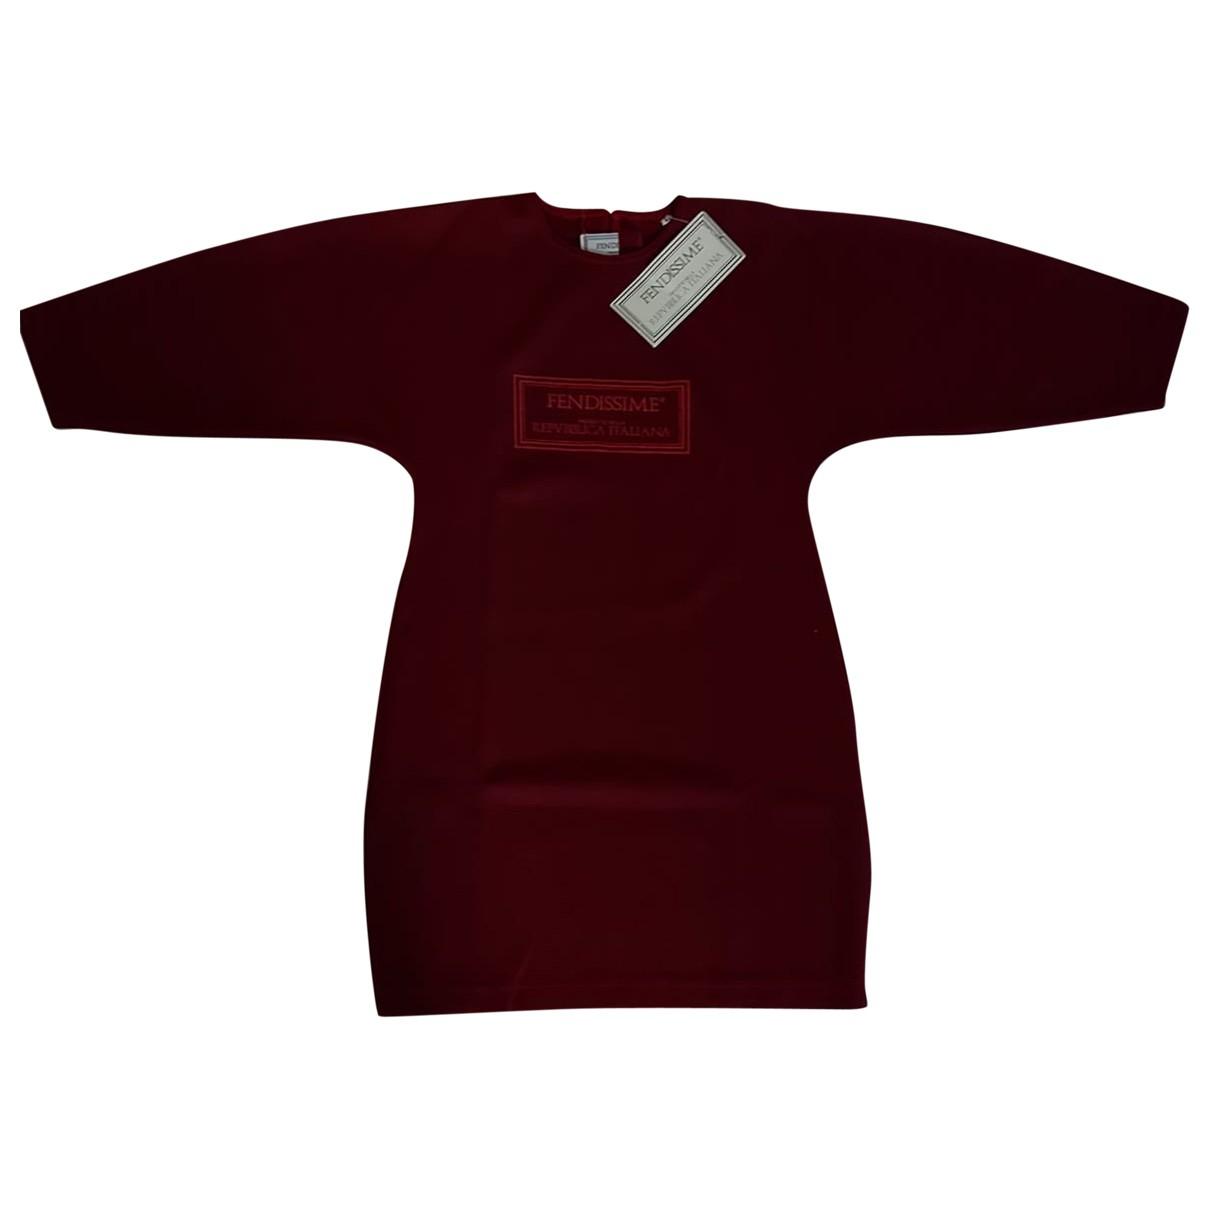 Fendissime - Robe   pour femme en coton - bordeaux